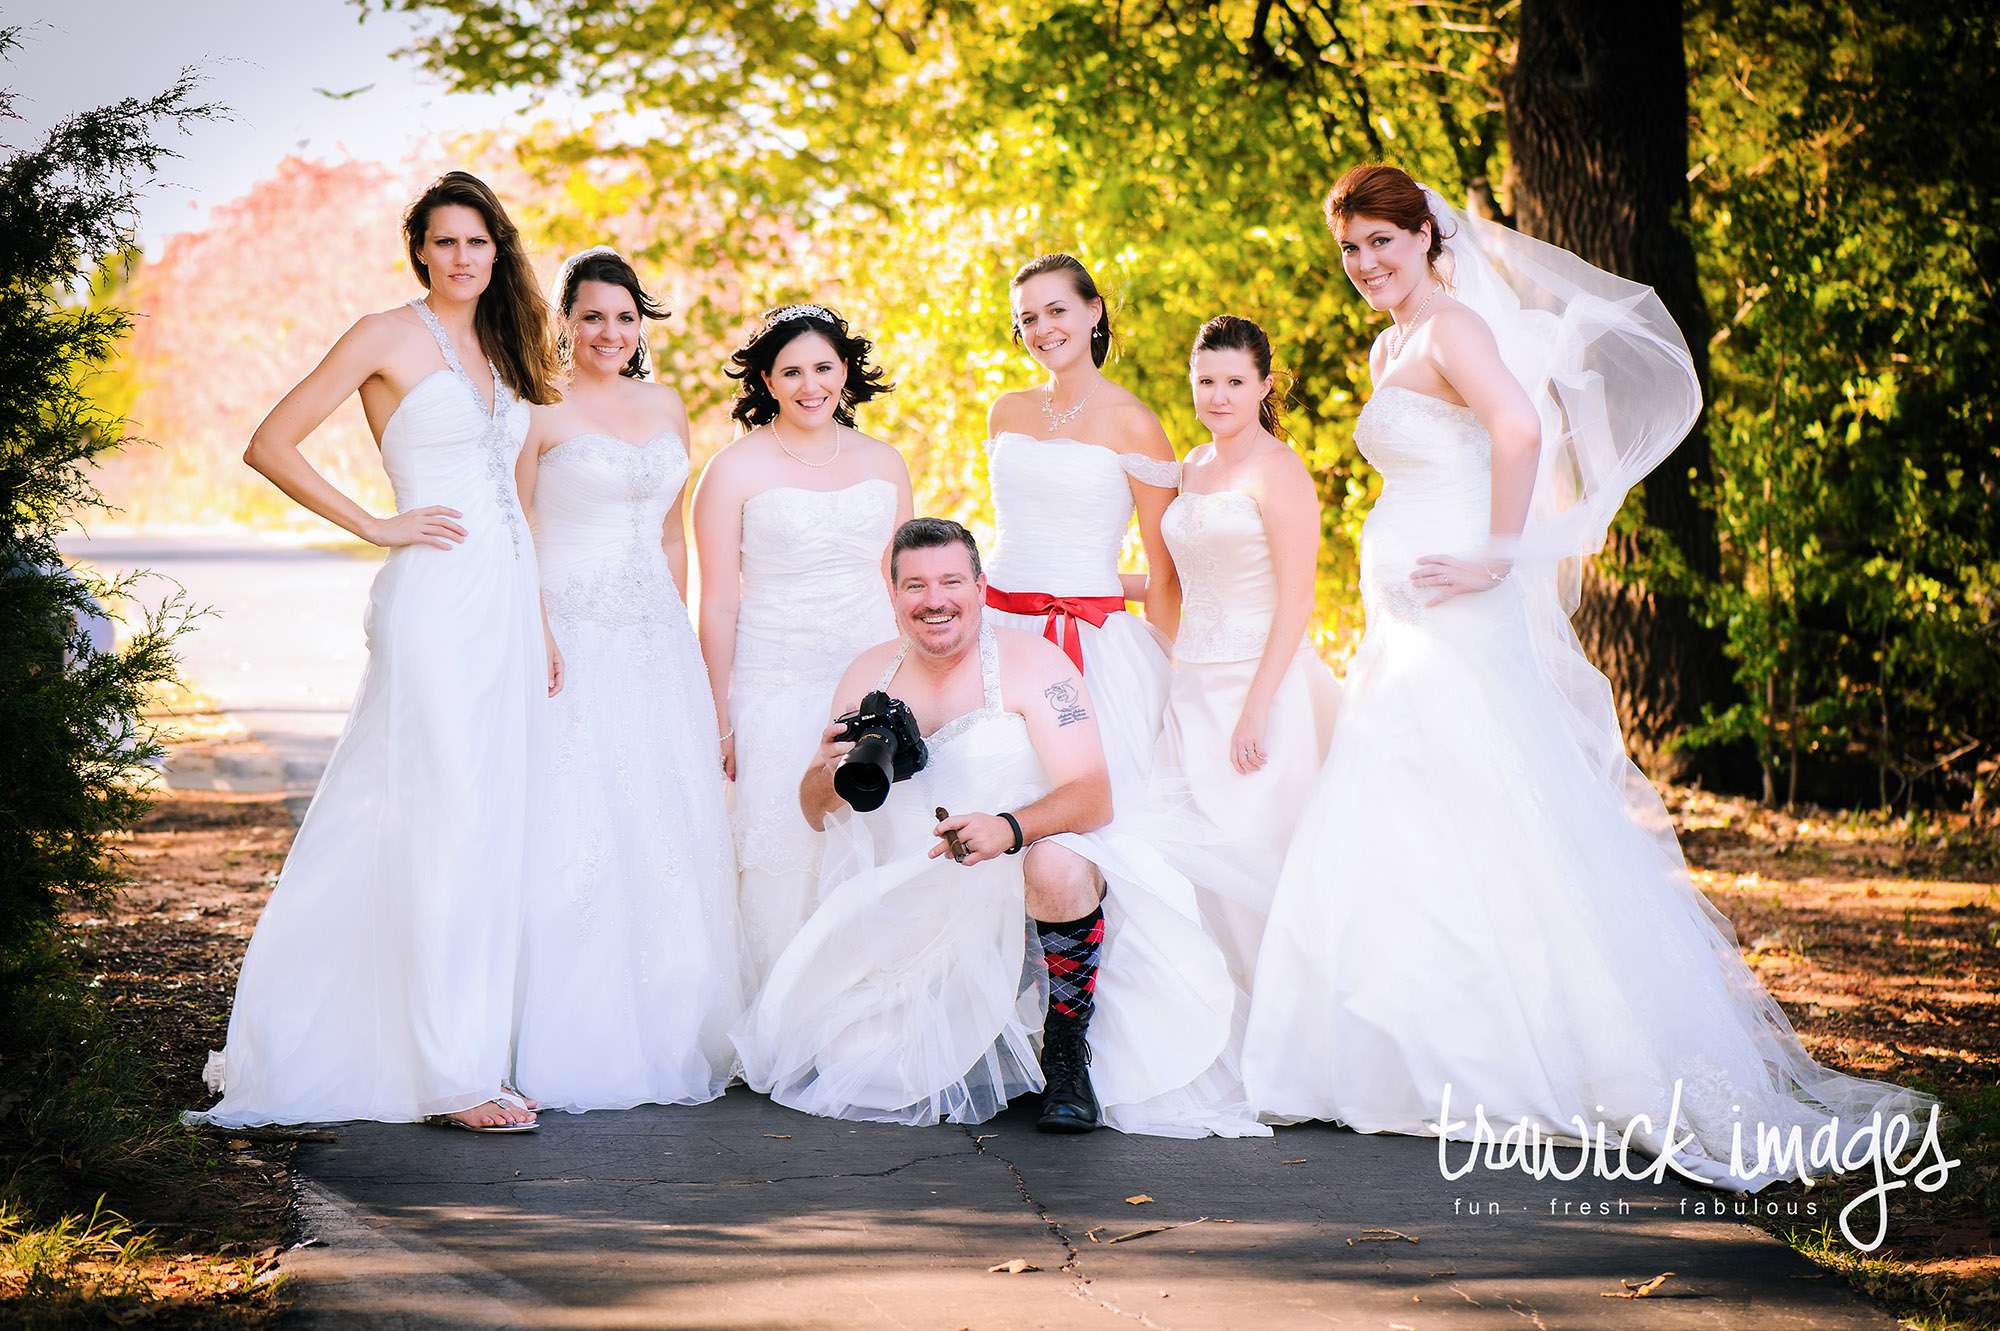 Bridal-Picnic-Oct-2012-016.jpg